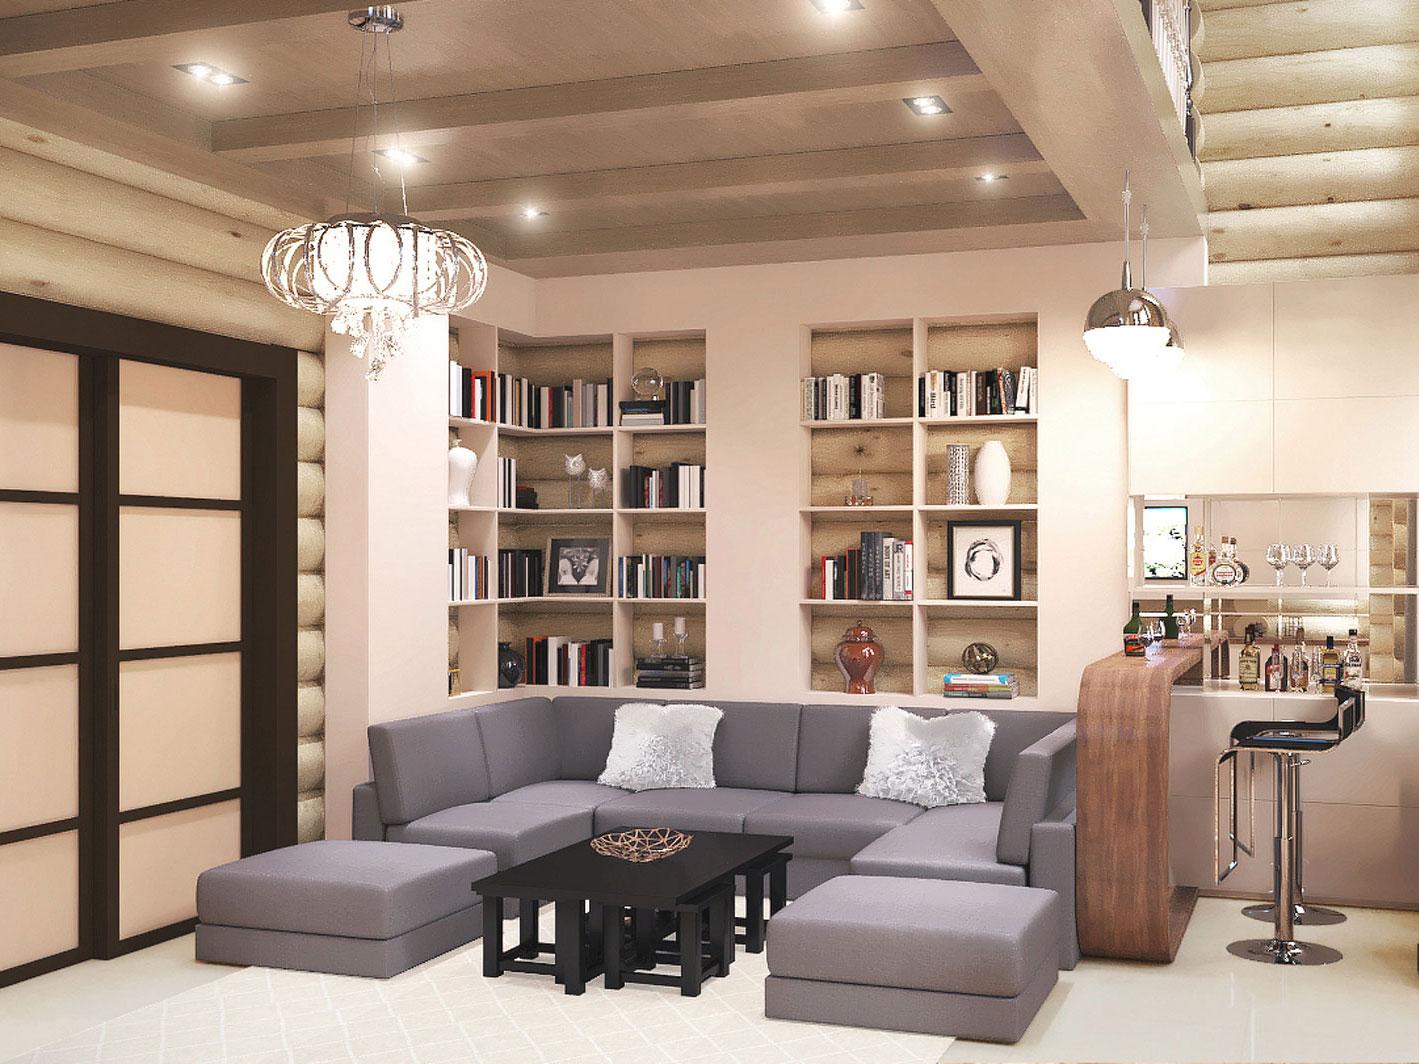 Дизайн интерьера спальни квартиры в высотном доме в современном стиле